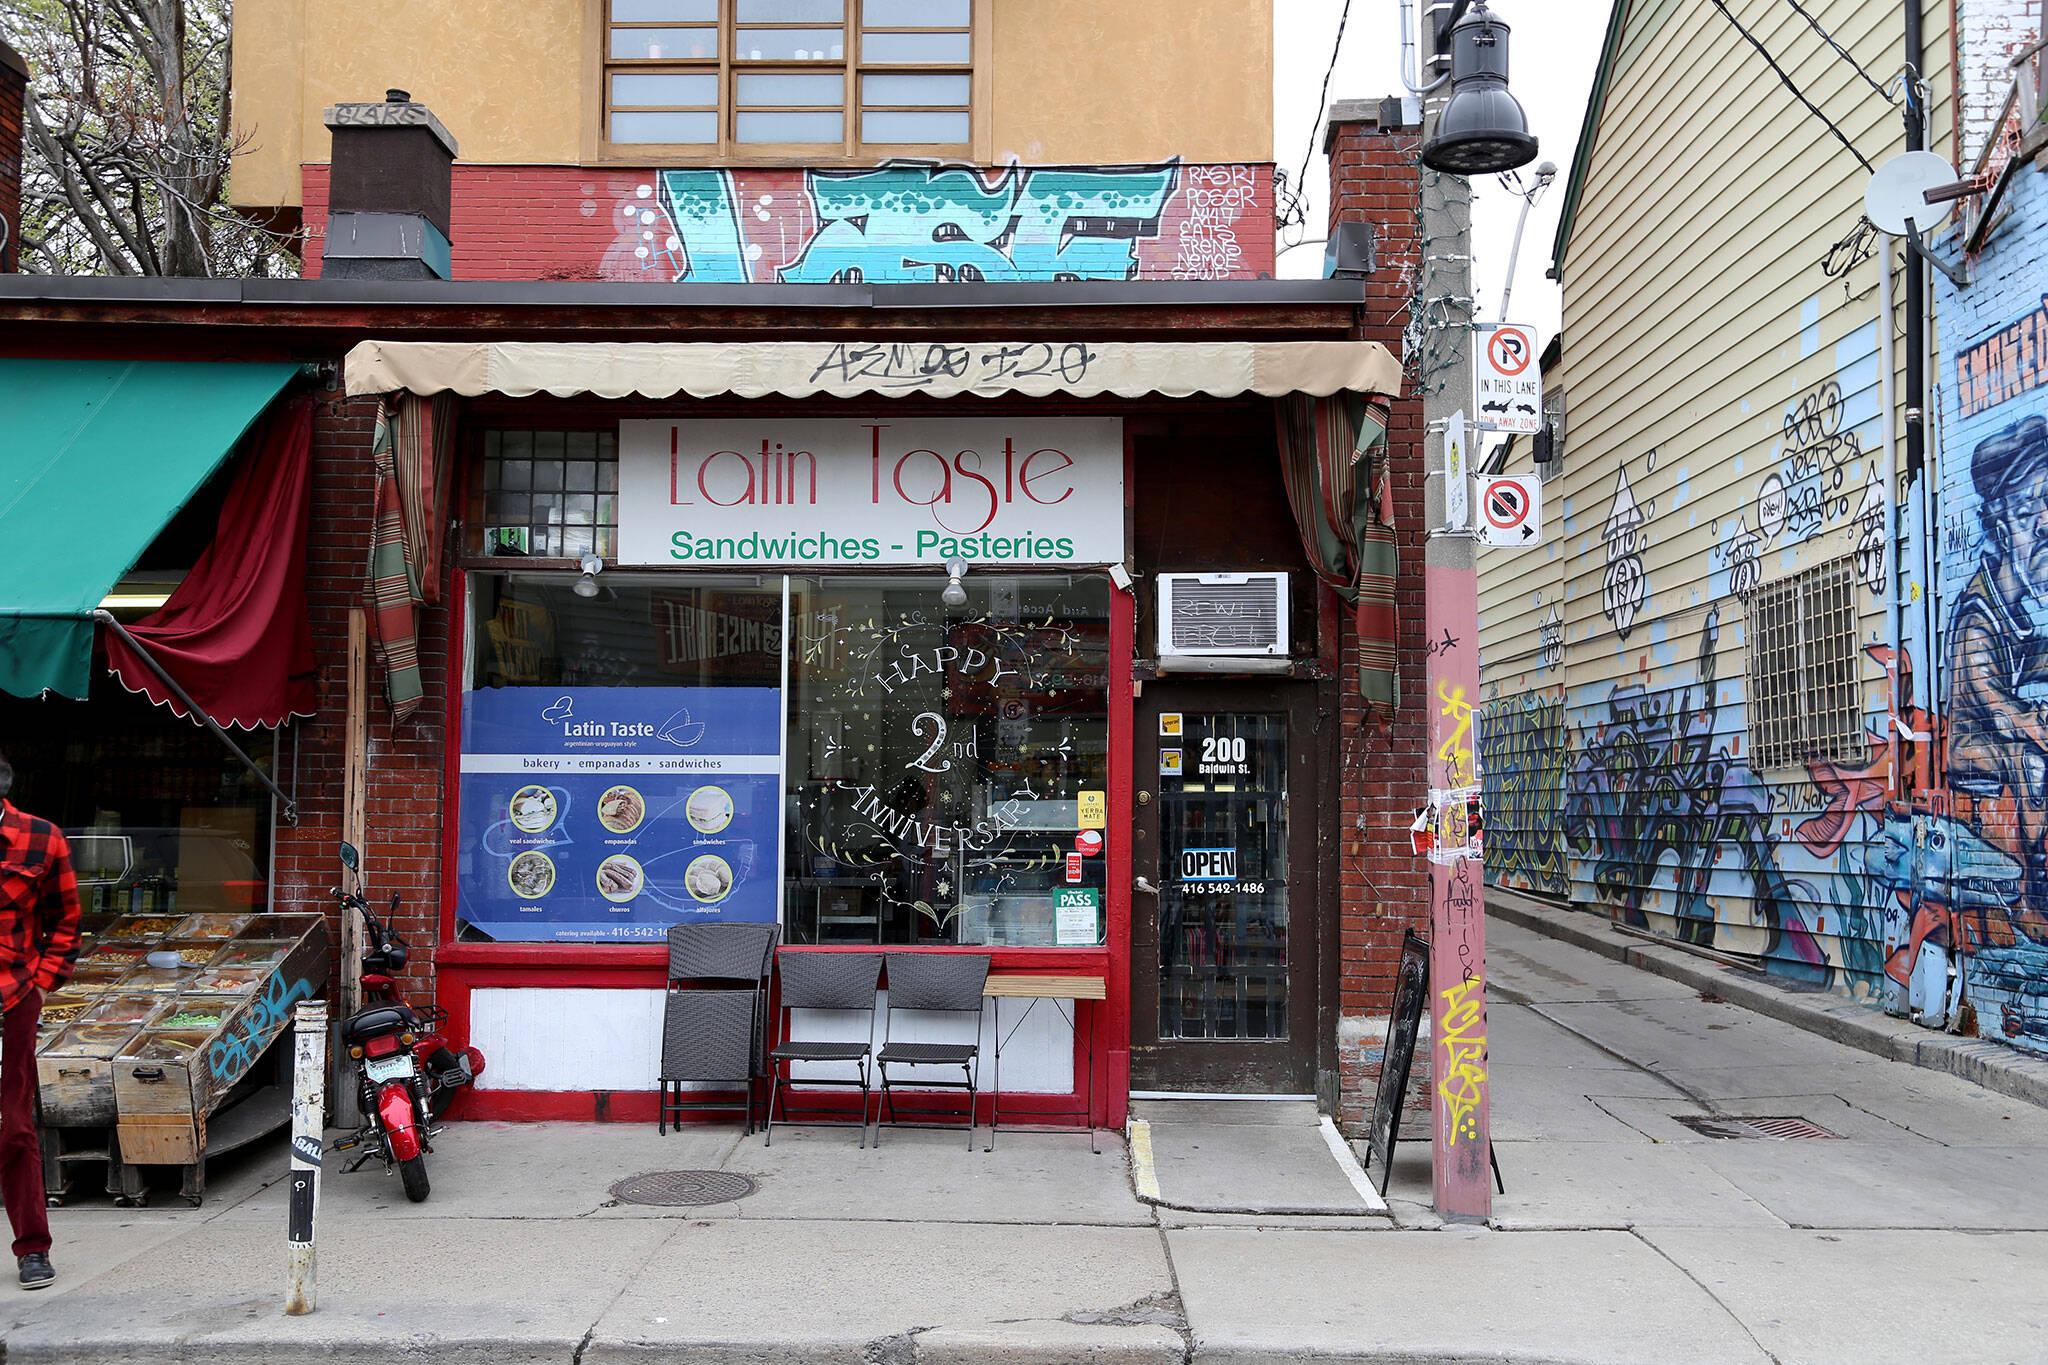 Latin Taste Toronto